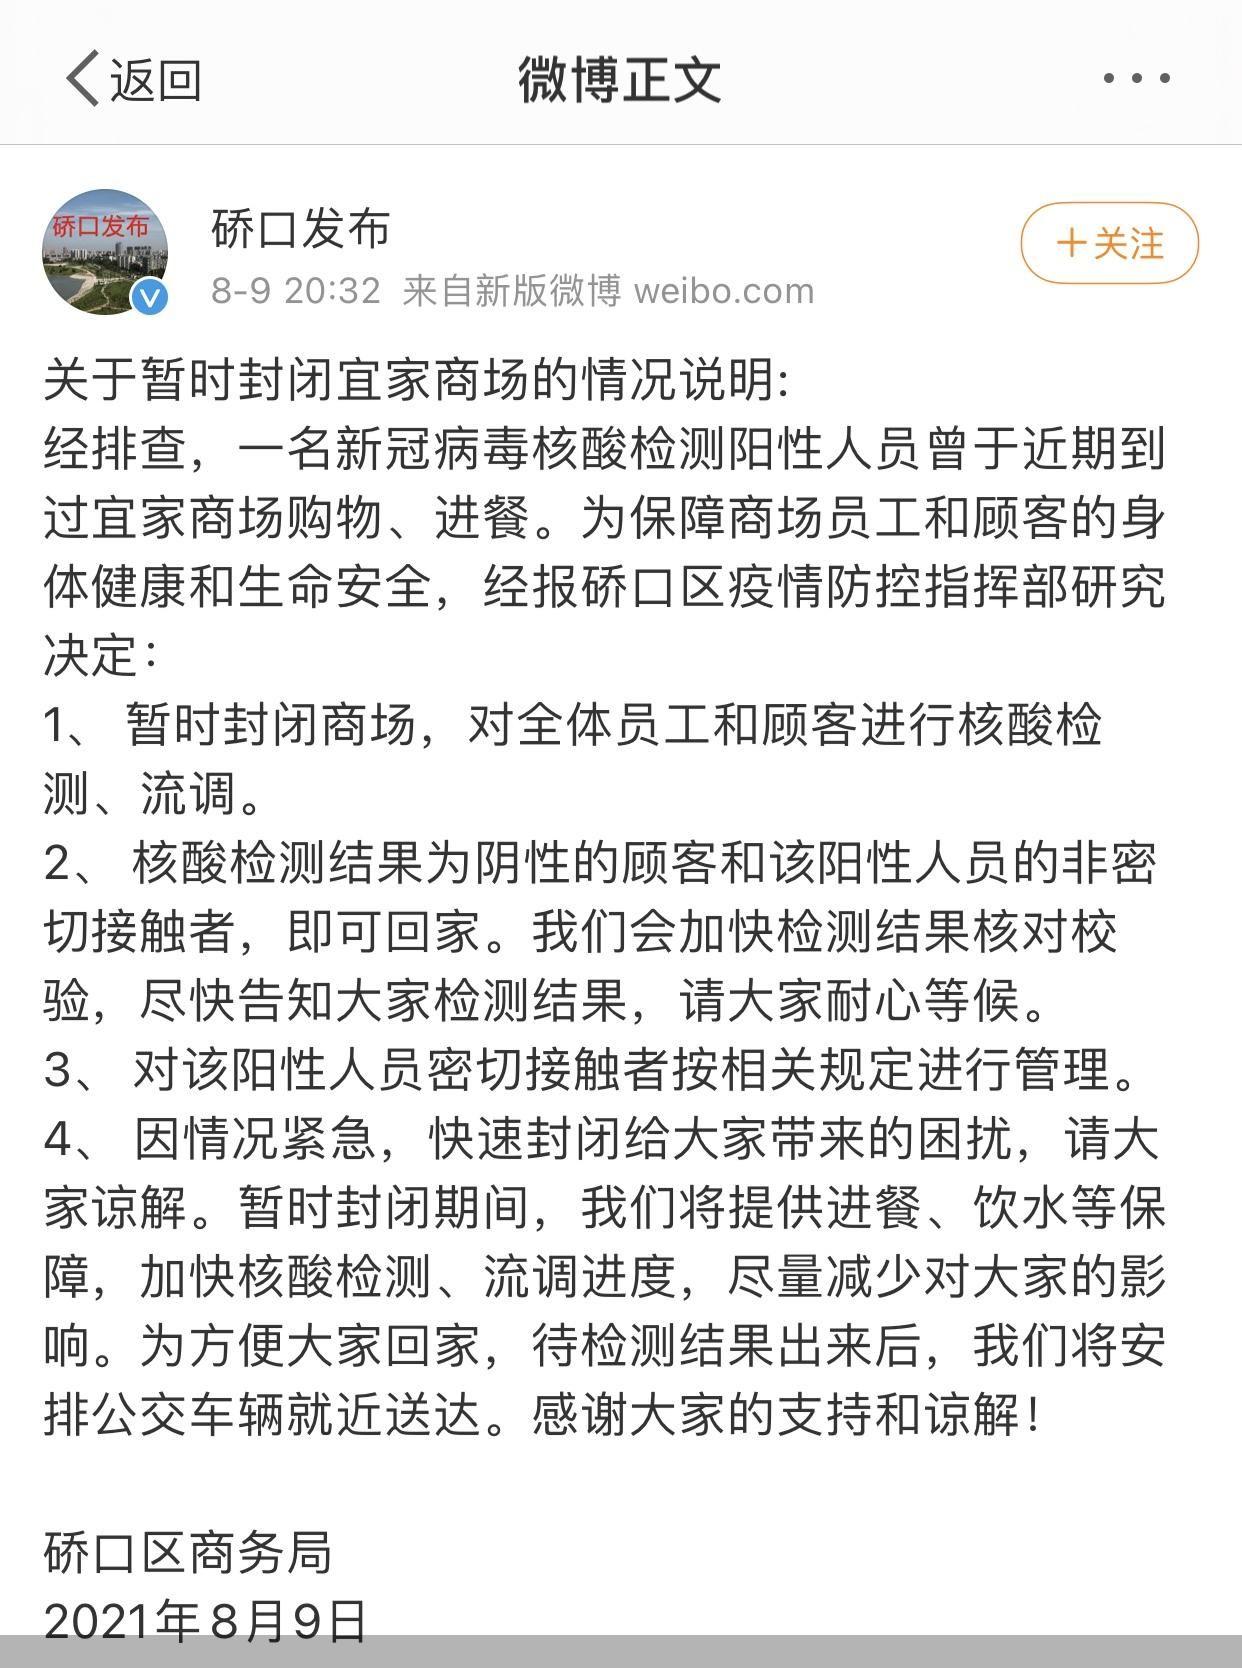 宜家武汉商场暂停营业 营业恢复时间另行通知